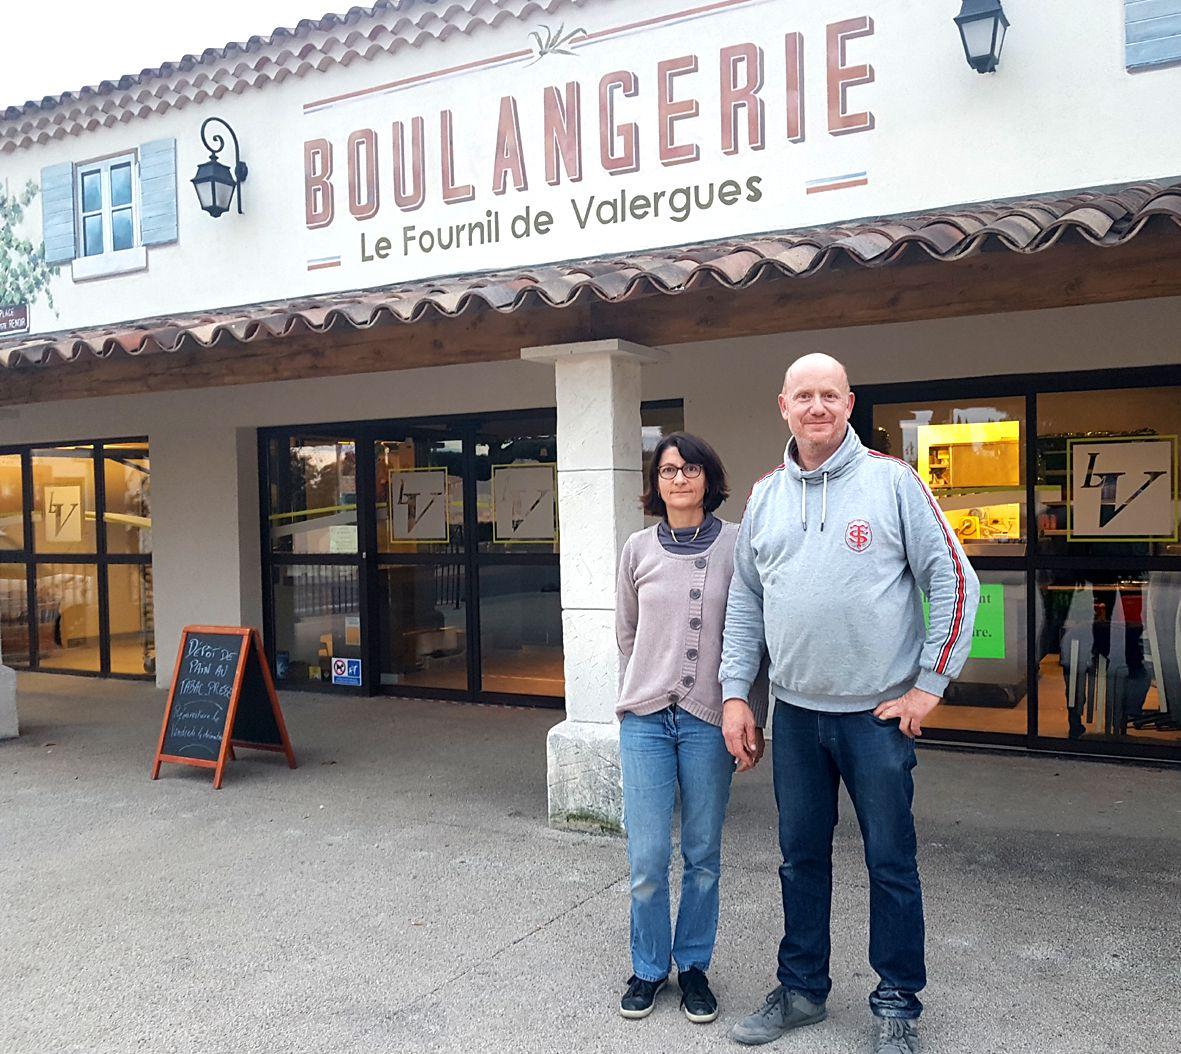 Nathalie et Loïc Vinet avec leur équipe vous accueillent dès ce vendredi au Fournil de Valergues place Auguste Renoir